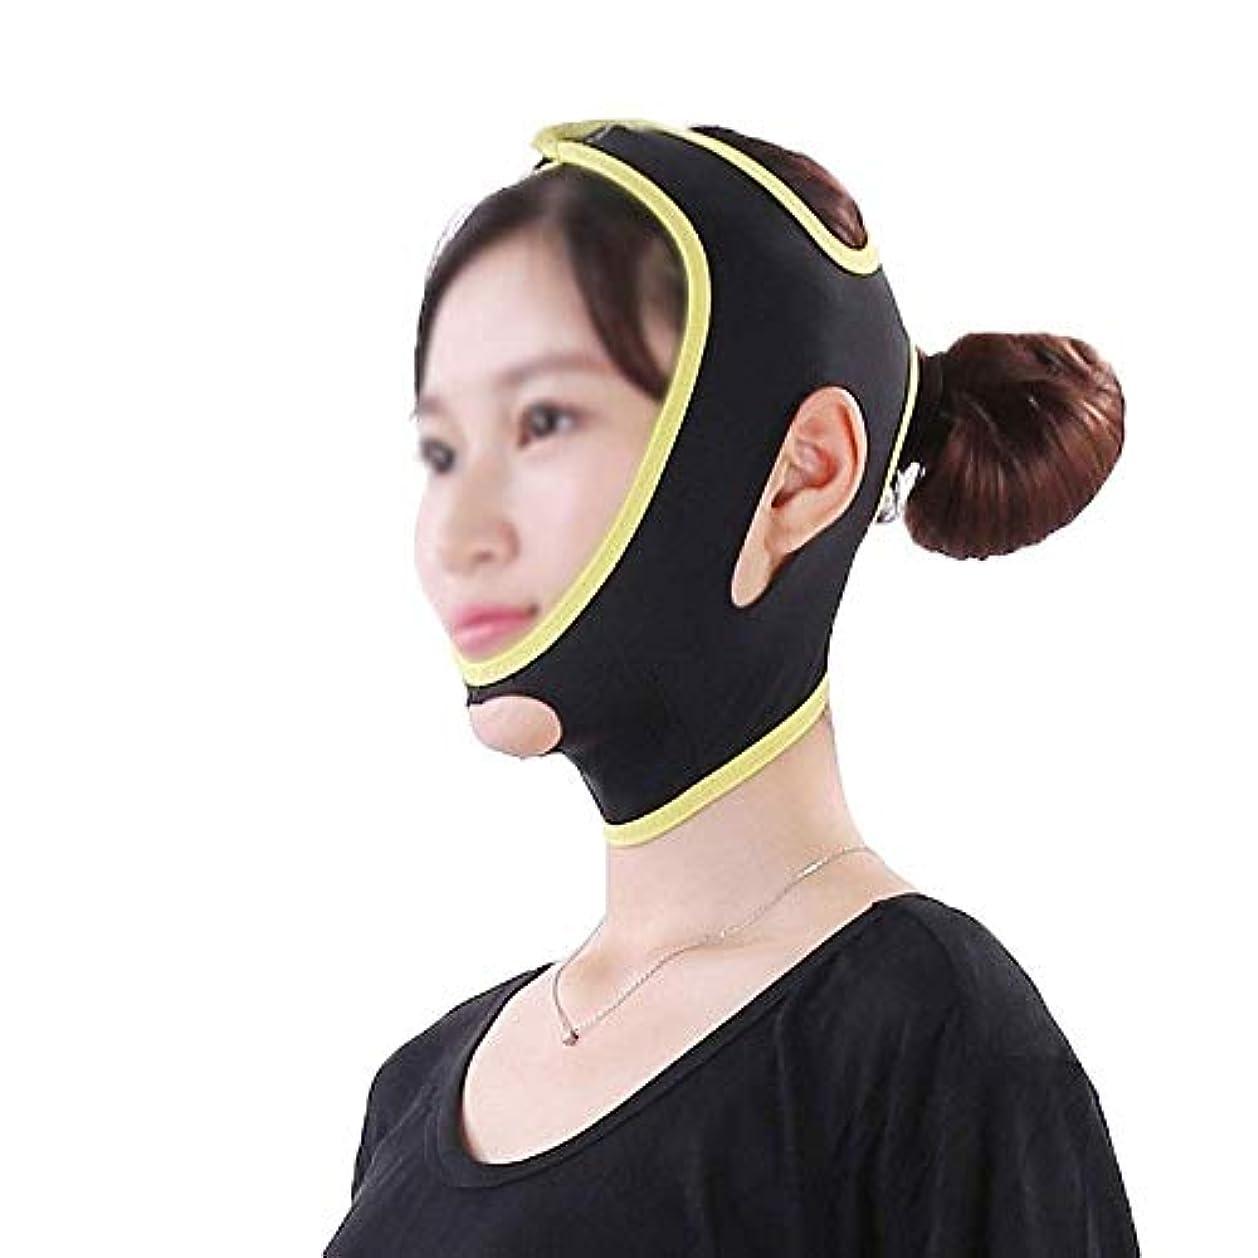 物理学者忌み嫌う韓国フェイス&ネックリフト、フェイスリフトマスク強力なフェイスマスクフェイスリフトアーチファクトフェイスリフティングフェイスリフティングツールフェイスリフティング包帯シンフェイスマスク美容マスク(サイズ:L)